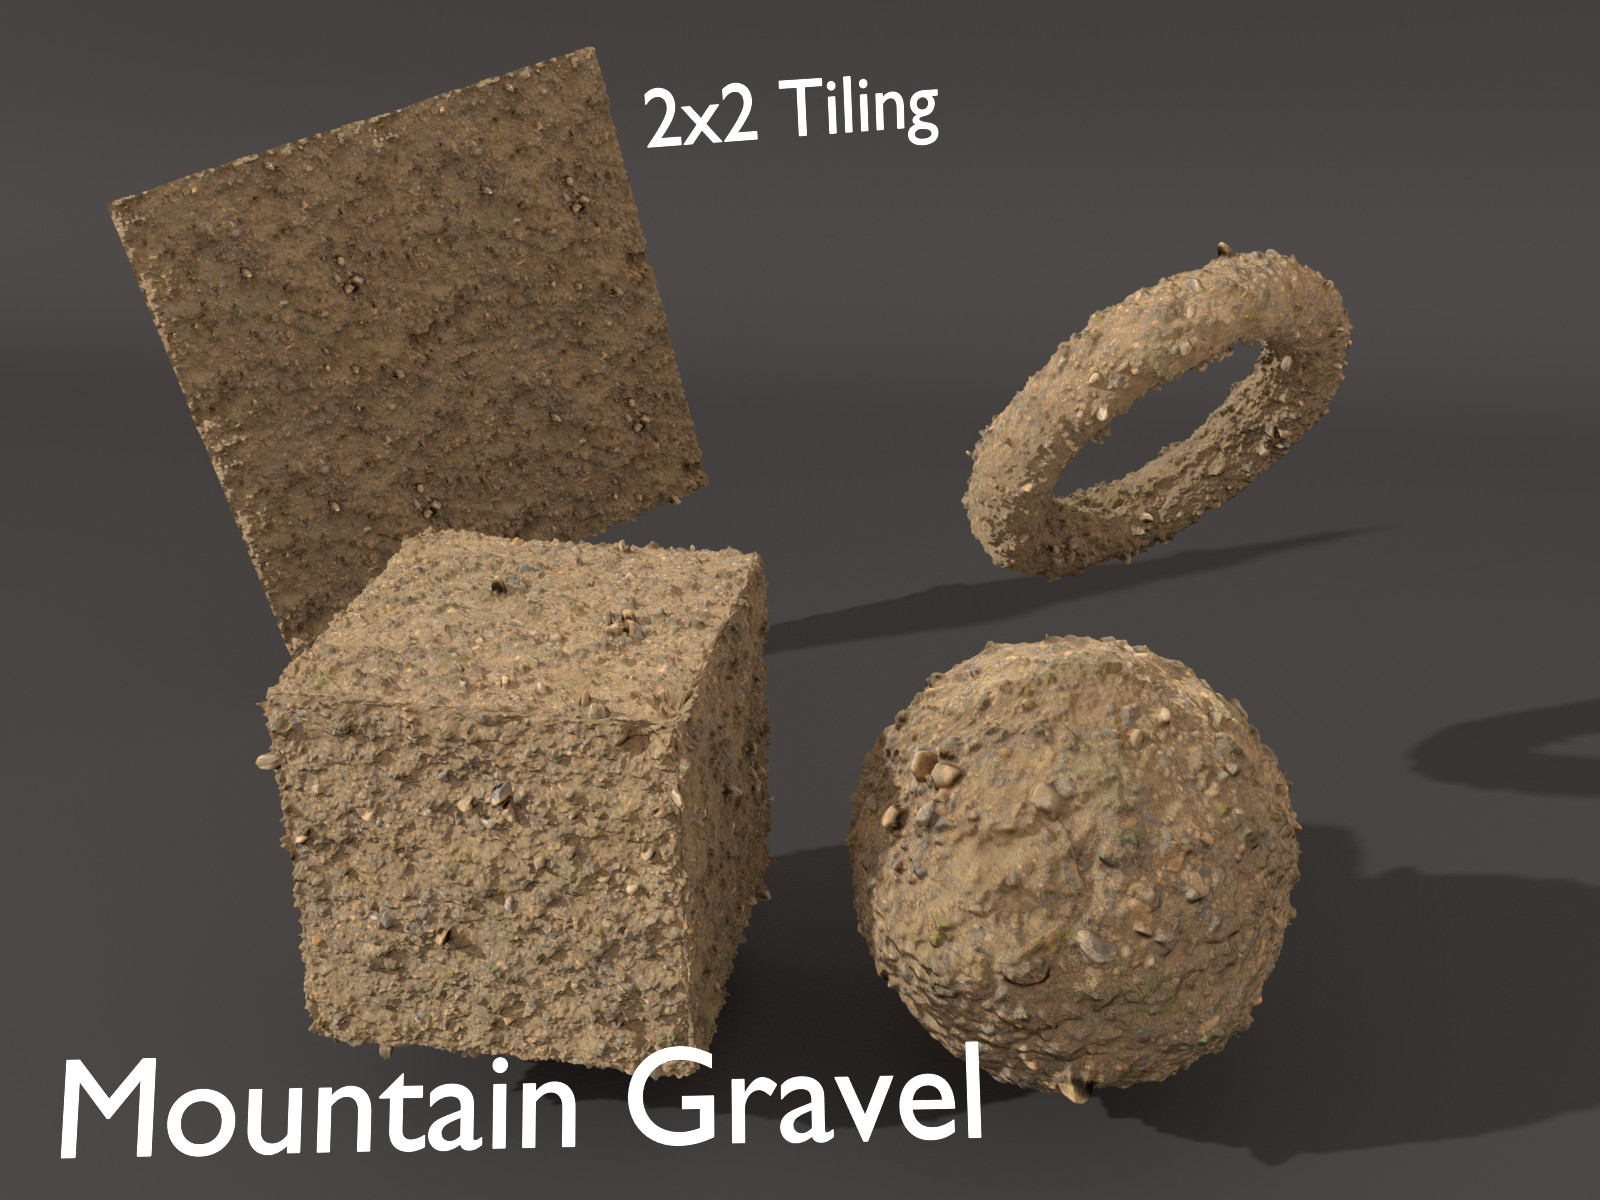 Sieben corgie mountaingravel p